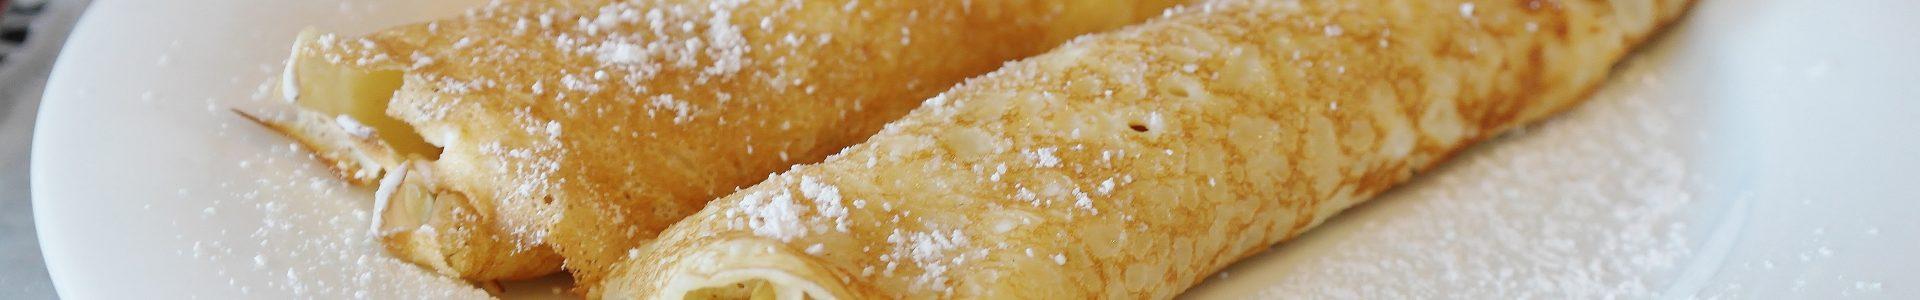 pancakes-2020870